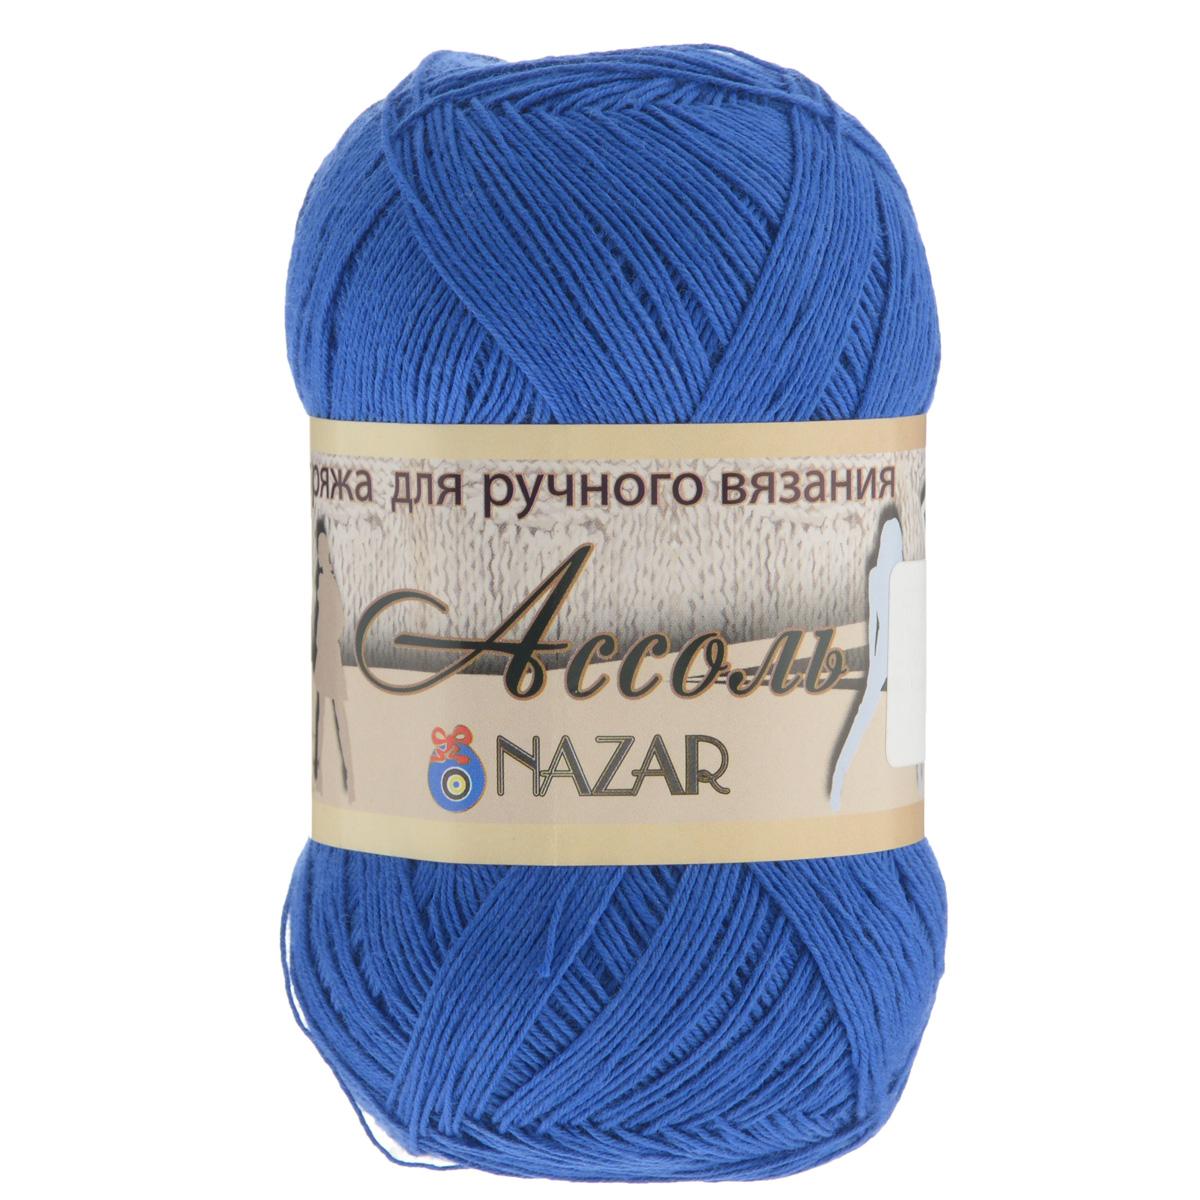 Пряжа для вязания Nazar Ассоль, цвет: синий (1277), 500 м, 50 г, 10 шт349025_1277Nazar Ассоль - это превосходная пряжа, изготовленная из 100% хлопка. Пряжа не имеет эффекта ваты и позволяет вязать ажурные летние изделия спицами или крючком в 2 сложения или теплые вещи в 4-5 сложений. Из такой пряжи хорошо смотрятся рельефные узоры. Рекомендуемые спицы 2 мм, крючок 2 мм. Количество мотков: 10 шт. Состав: 100% хлопок.